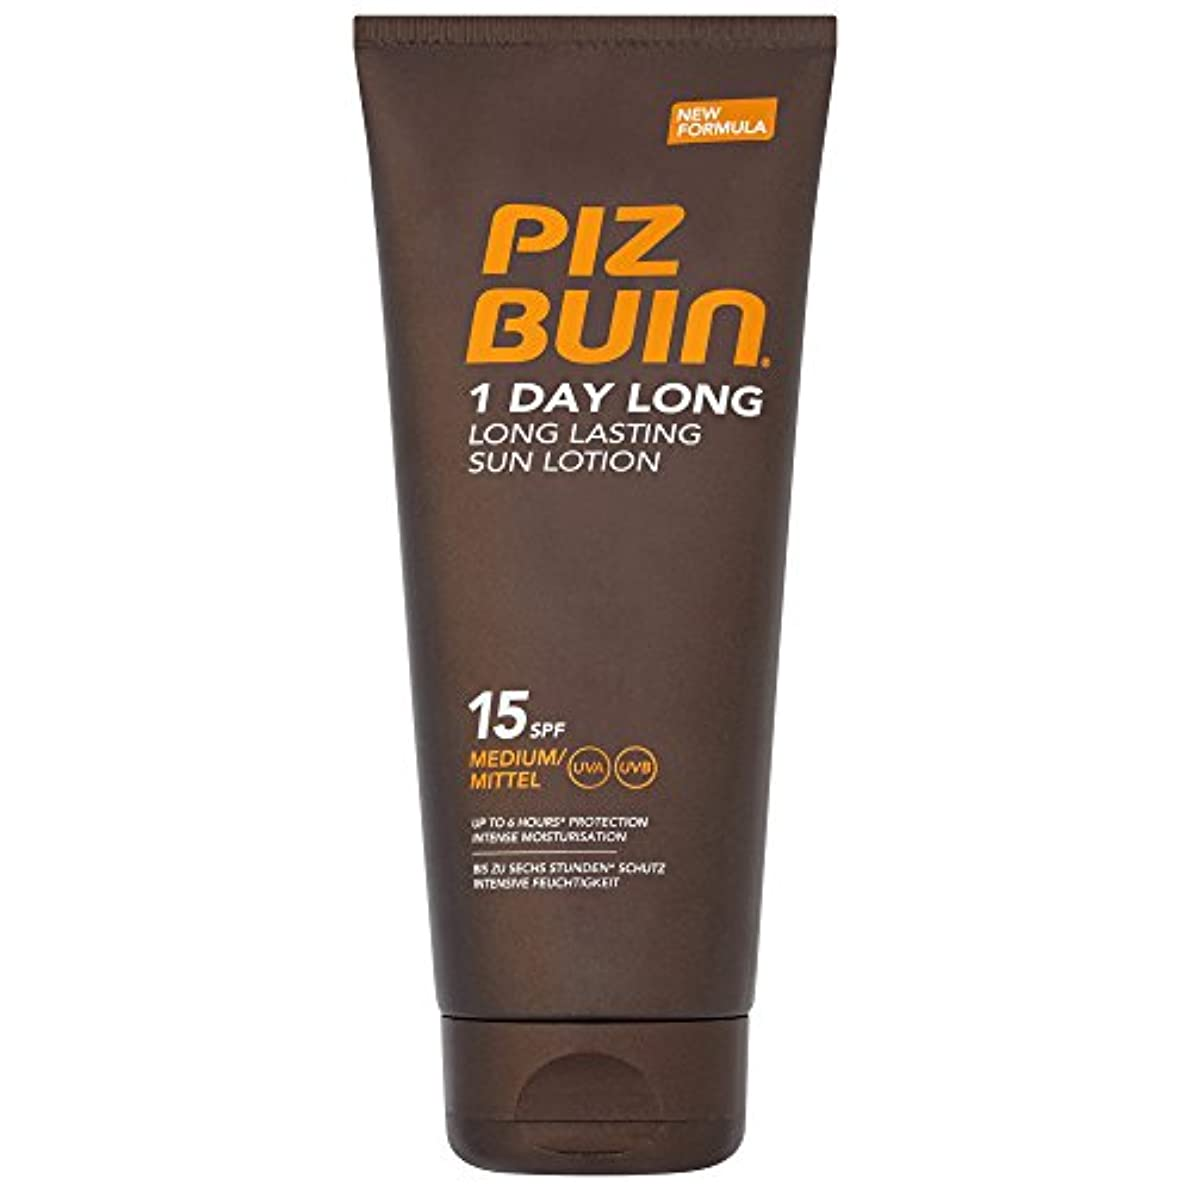 受け入れた税金レンダーピッツブーインの1日長い15の日焼けローション200 x4 - Piz Buin 1 Day Long SPF15 Sun Lotion 200ml (Pack of 4) [並行輸入品]